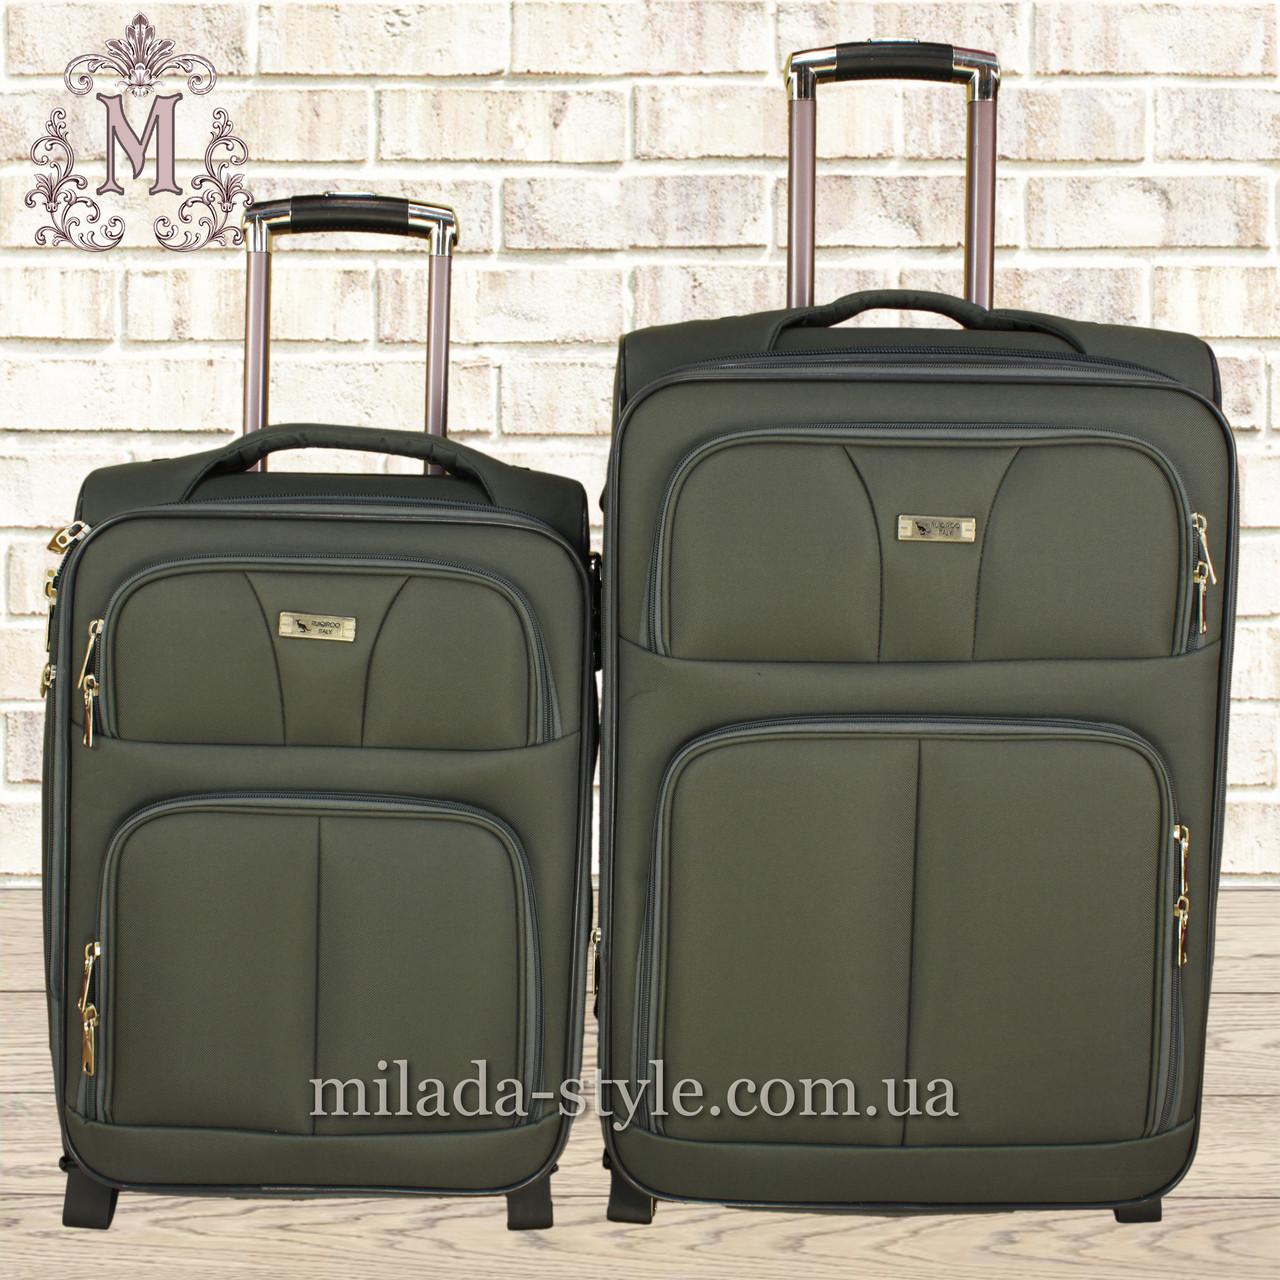 Комплект чемоданов 3 колеса 2в1( хаки)